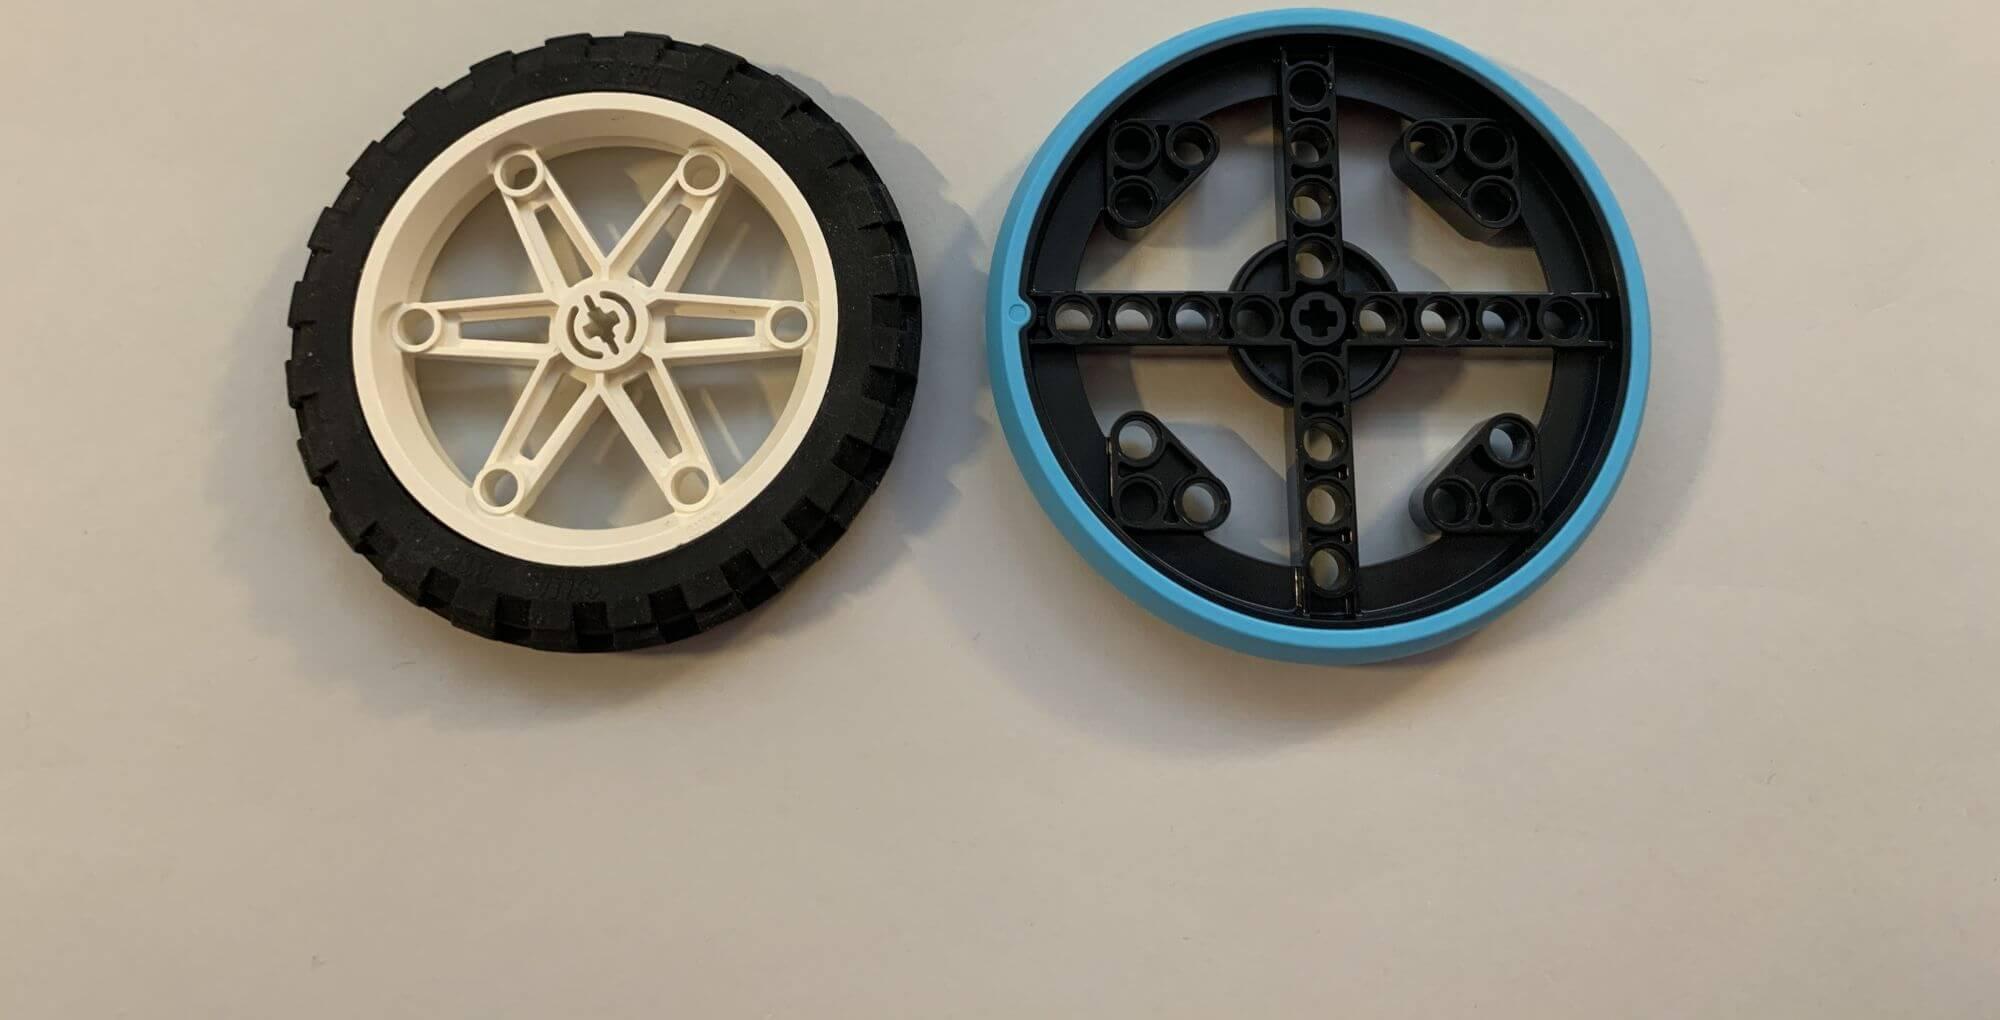 Zwei unterschiedliche Räder des Spike Prime